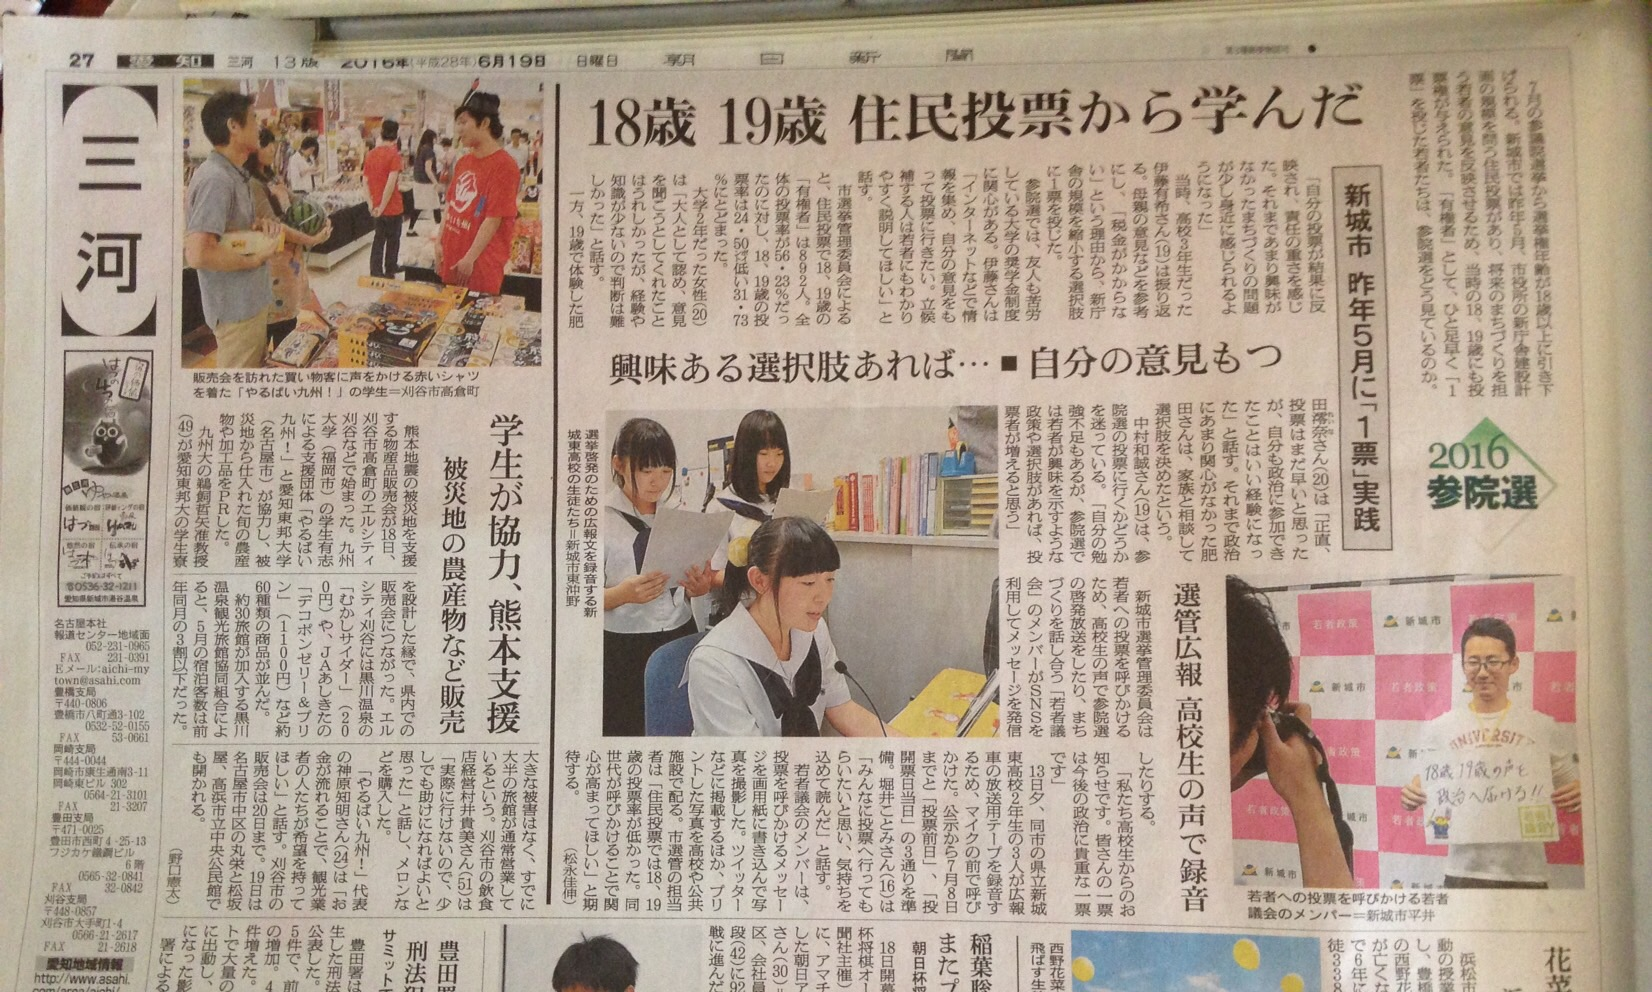 みんなのニュースOneに愛知県新城市若者議会が取り上げられました!新聞にも! (2)